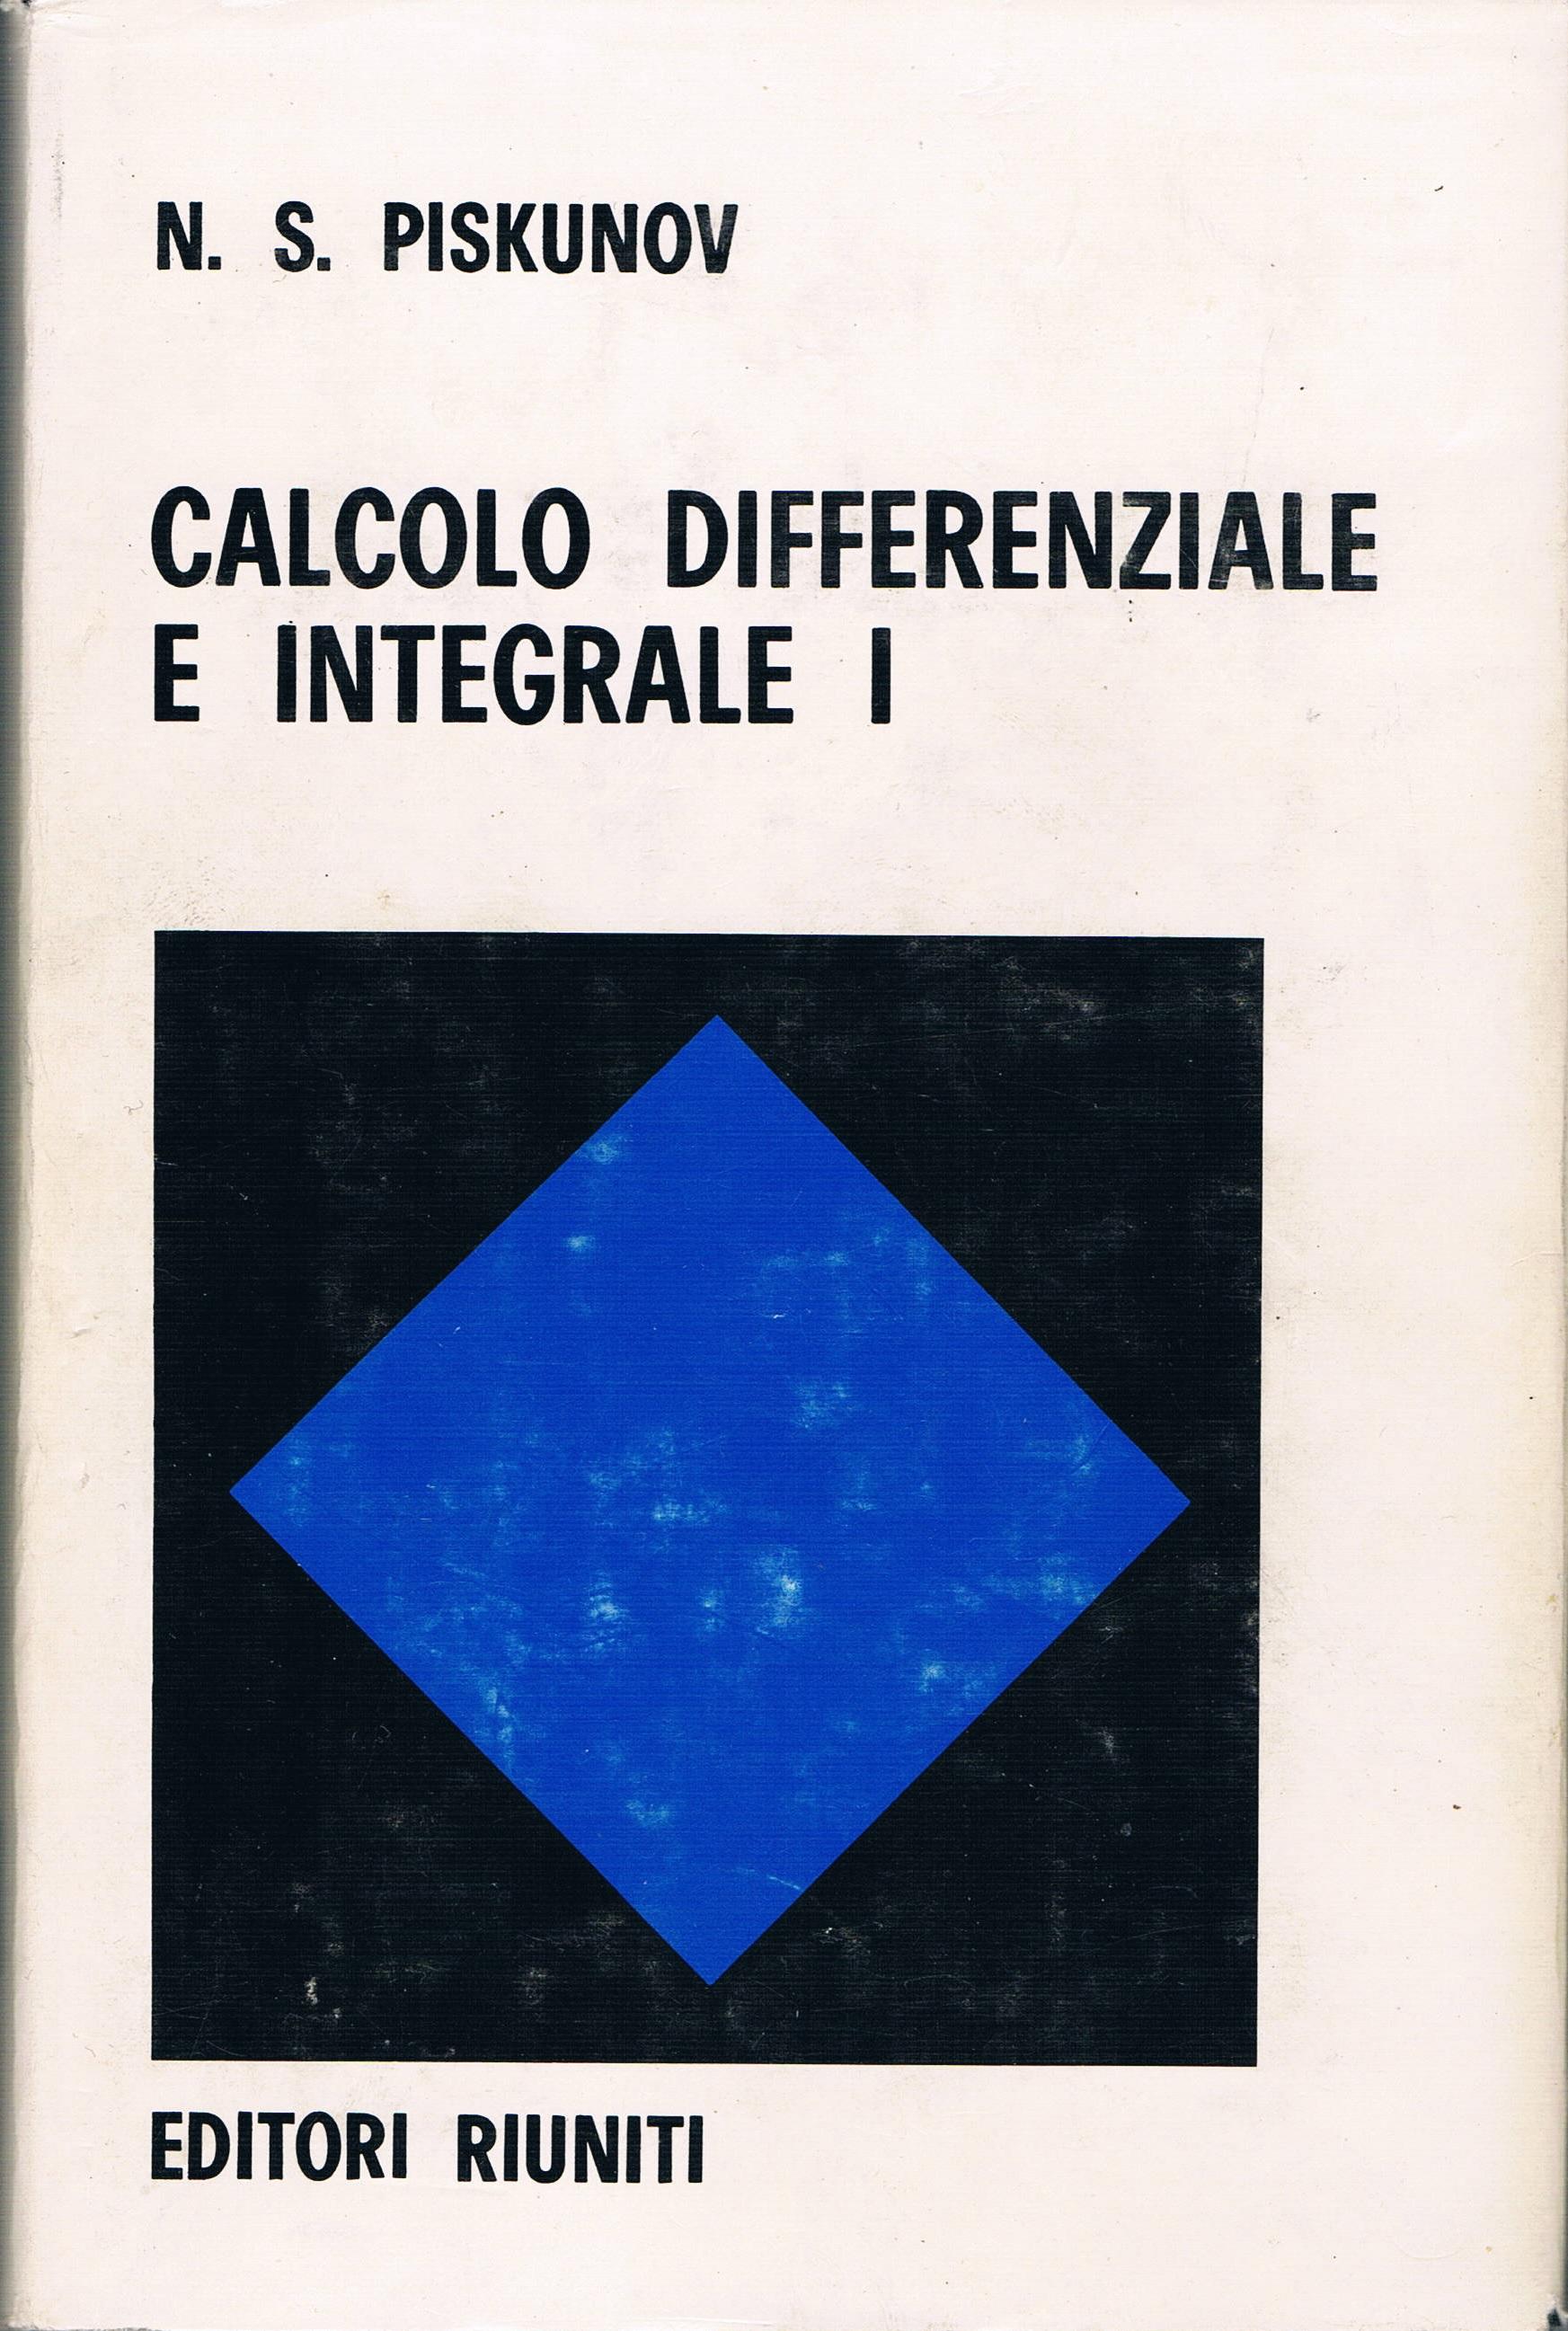 Calcolo differenziale e integrale I